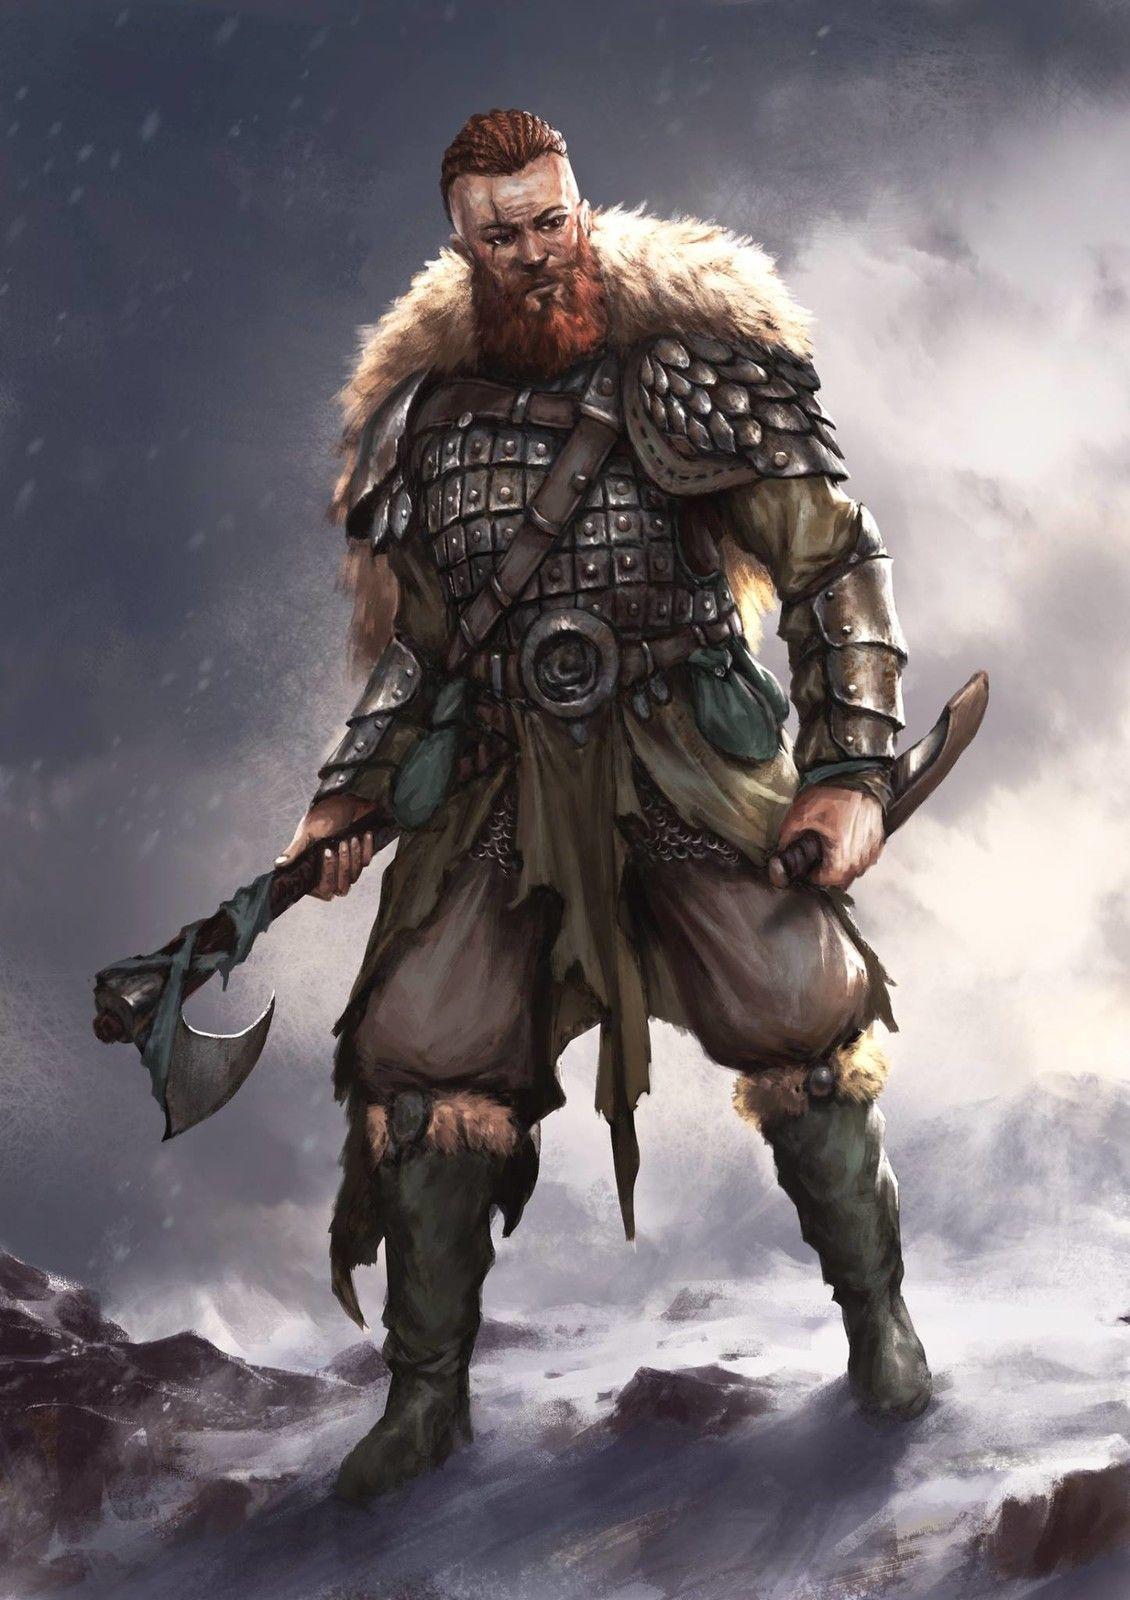 Plutus Skirjin Son Of The Jarl Of Maerin In 2019 Vikings